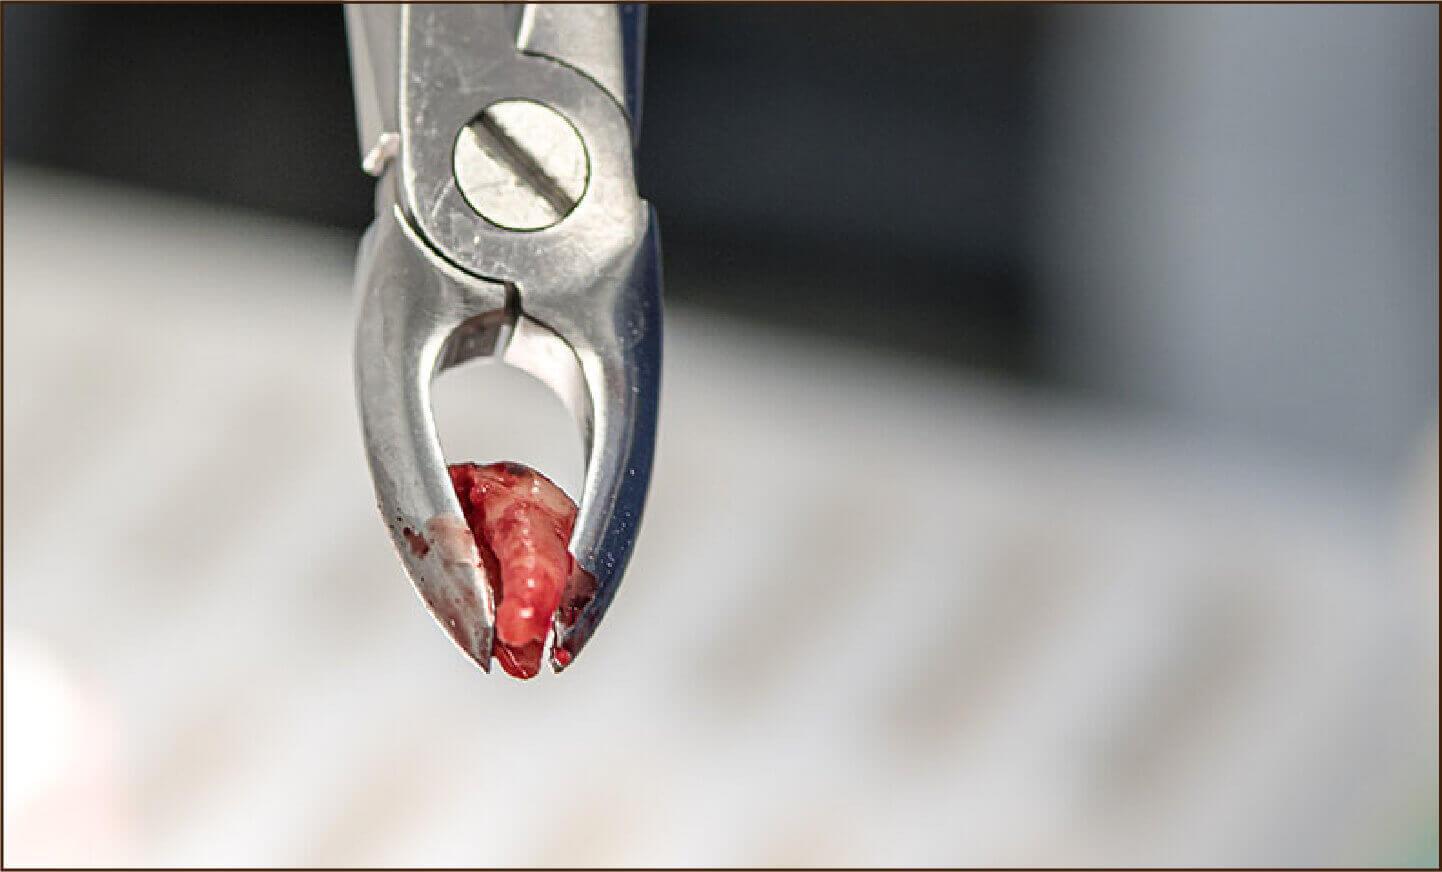 犬の歯を抜いた写真